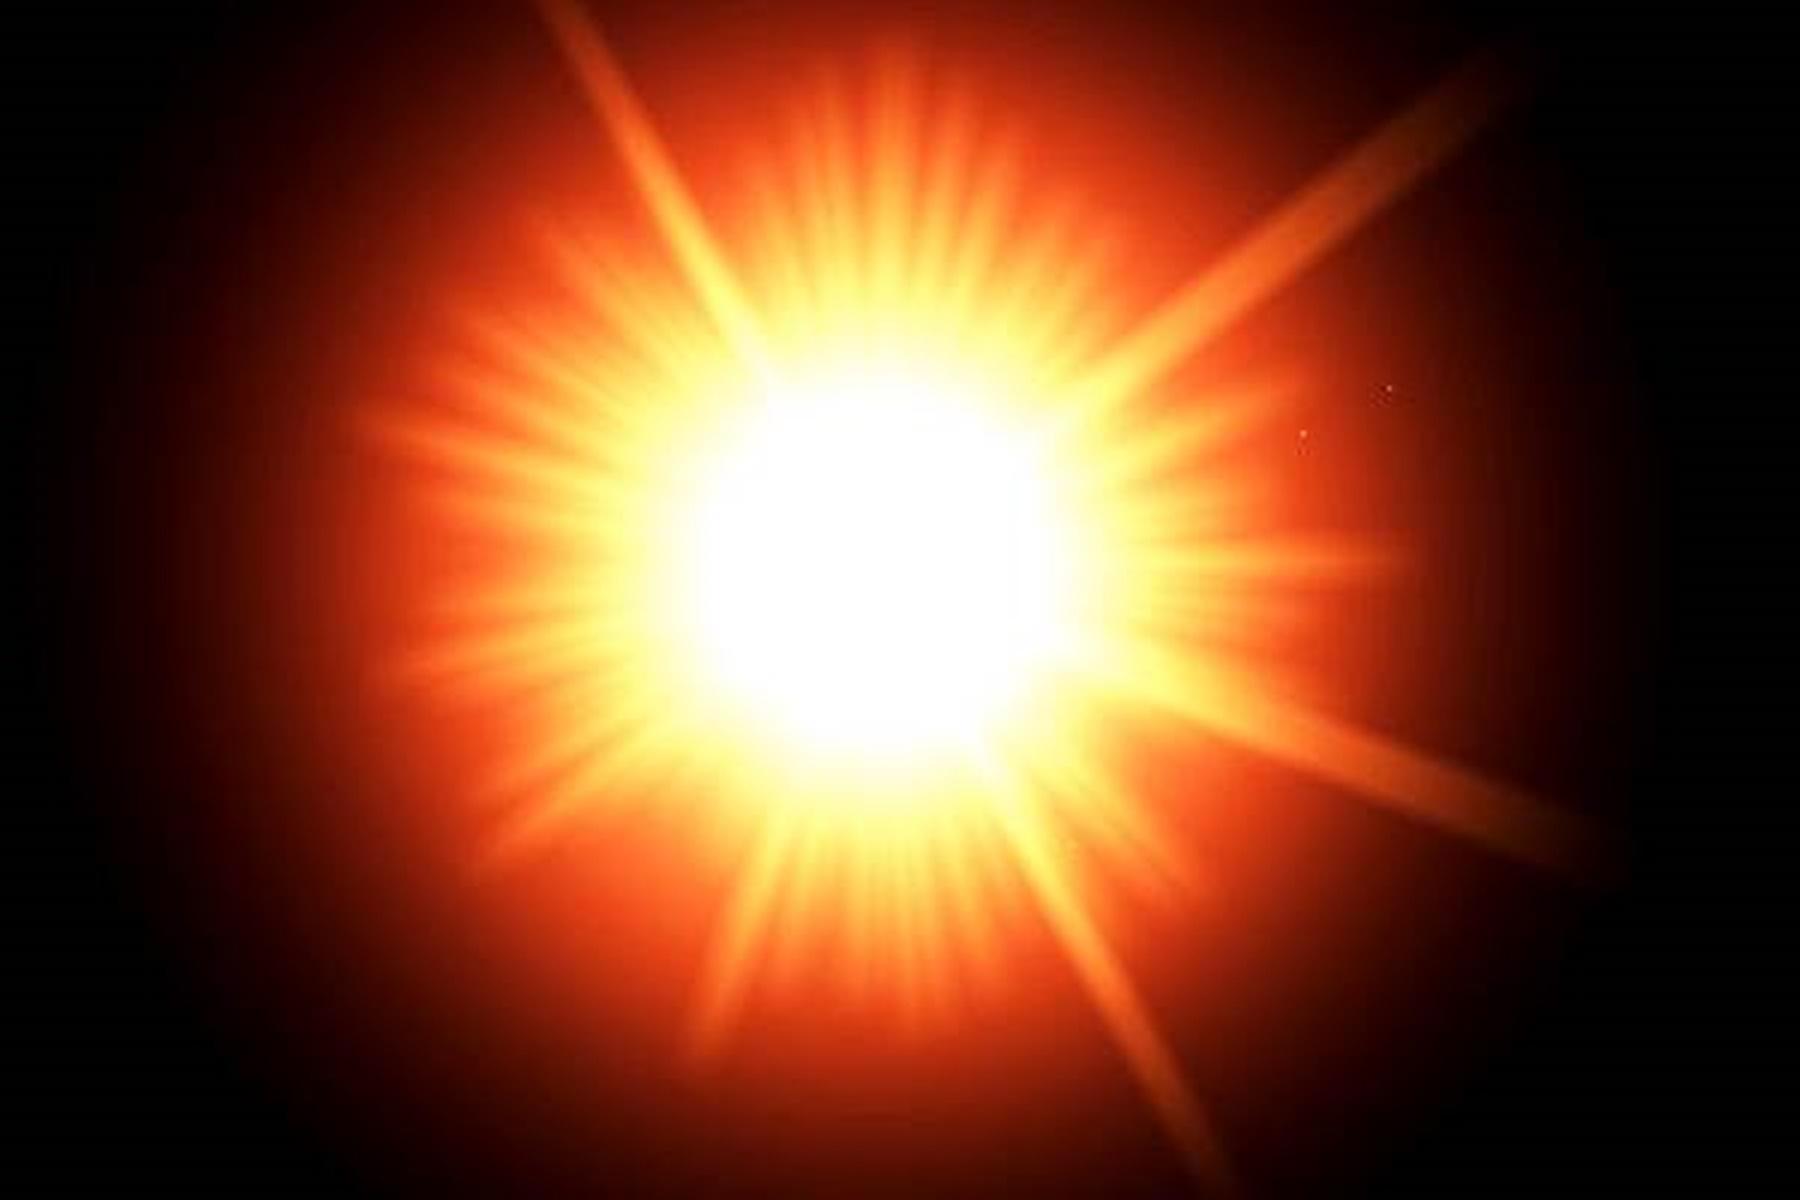 Ηλιακή ακτινοβολία : Tα τρόφιμα που προστατεύουν το δέρμα